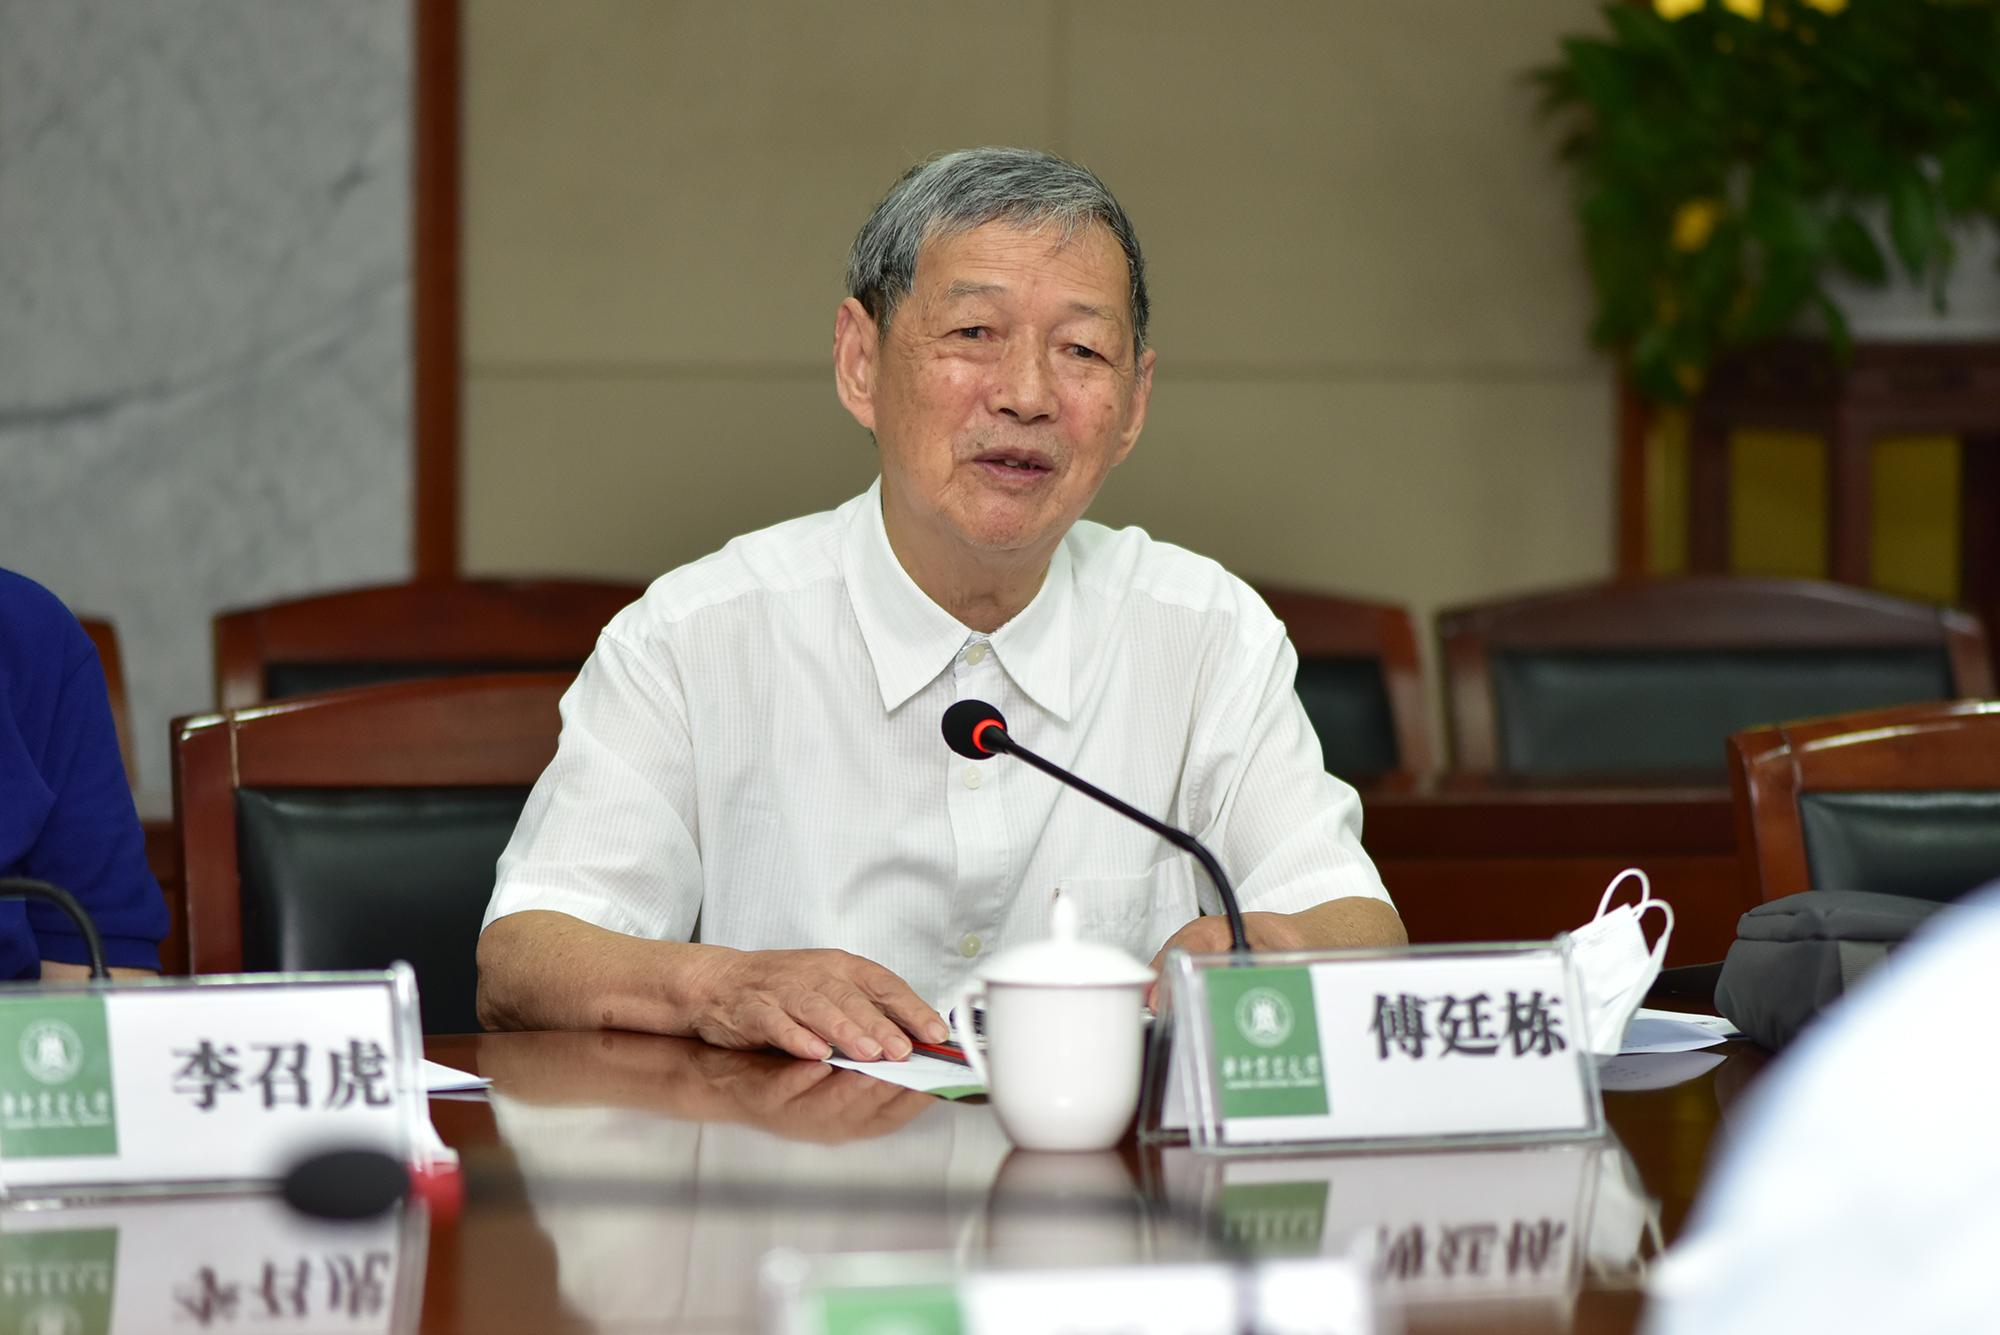 傅廷栋院士讲话(记者 刘涛 摄)